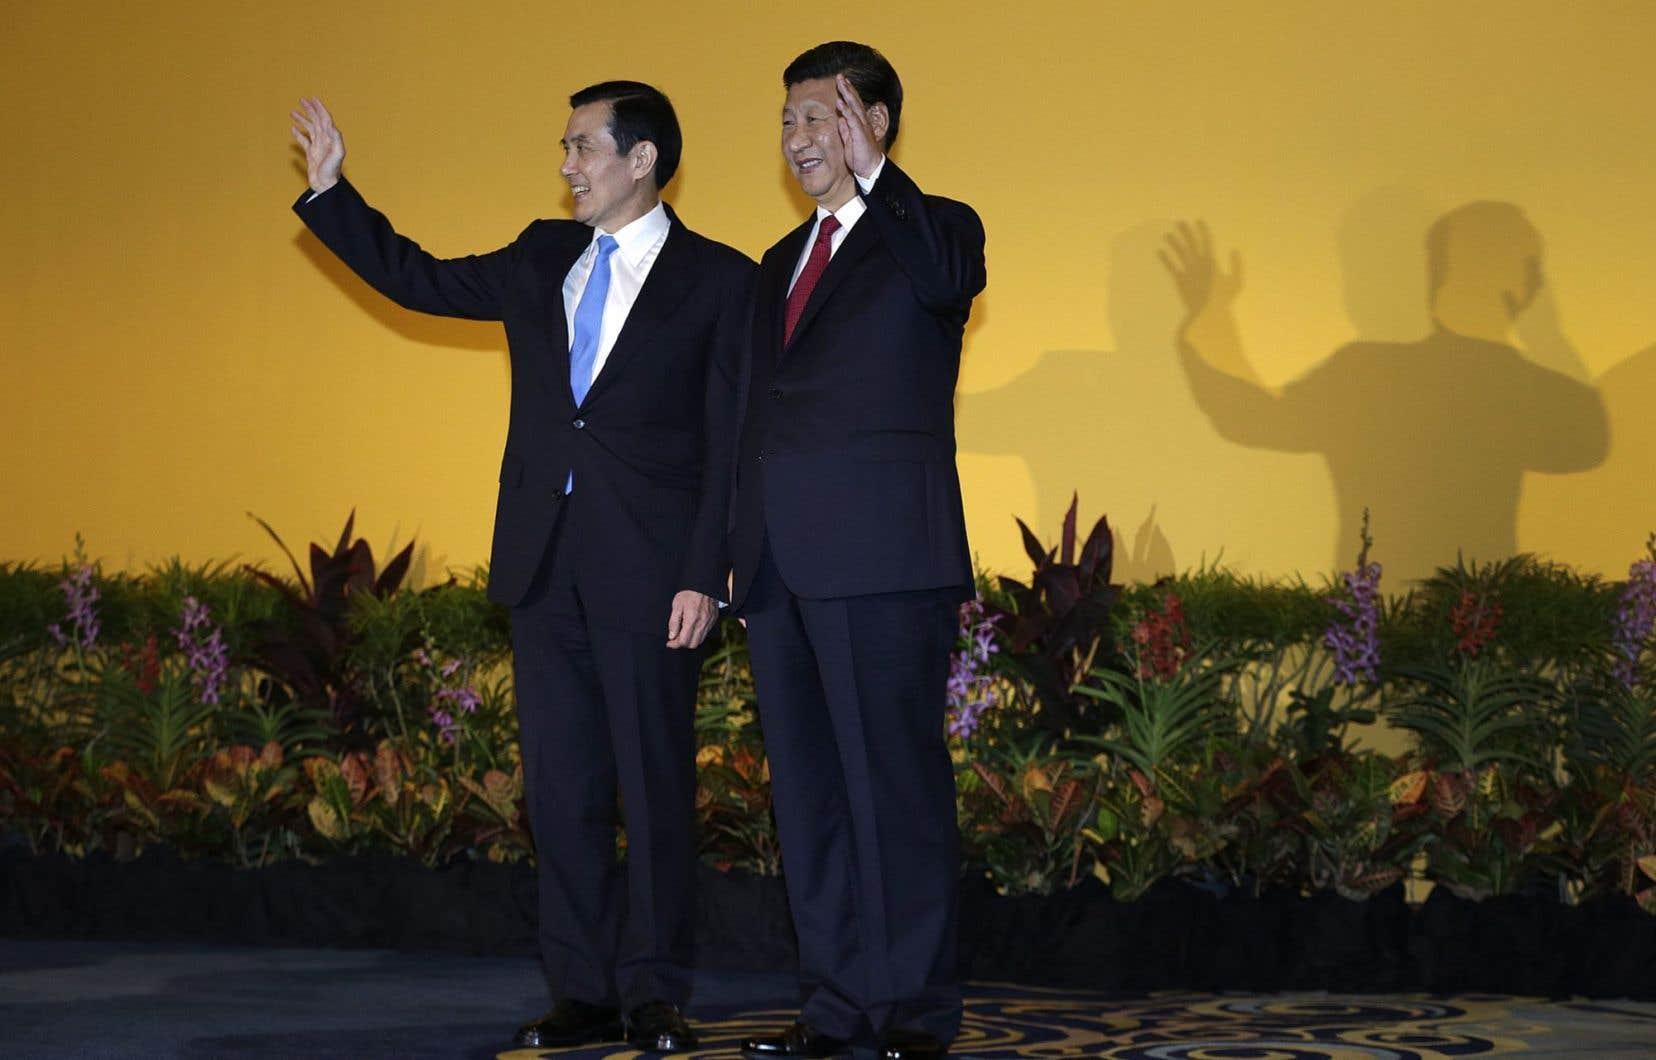 Le président de Taïwan, Ma Ying-jeou, en compagnie de son homologue chinois, Xi Jinping lors d'un sommet entre les «deux Chines» à Singapour